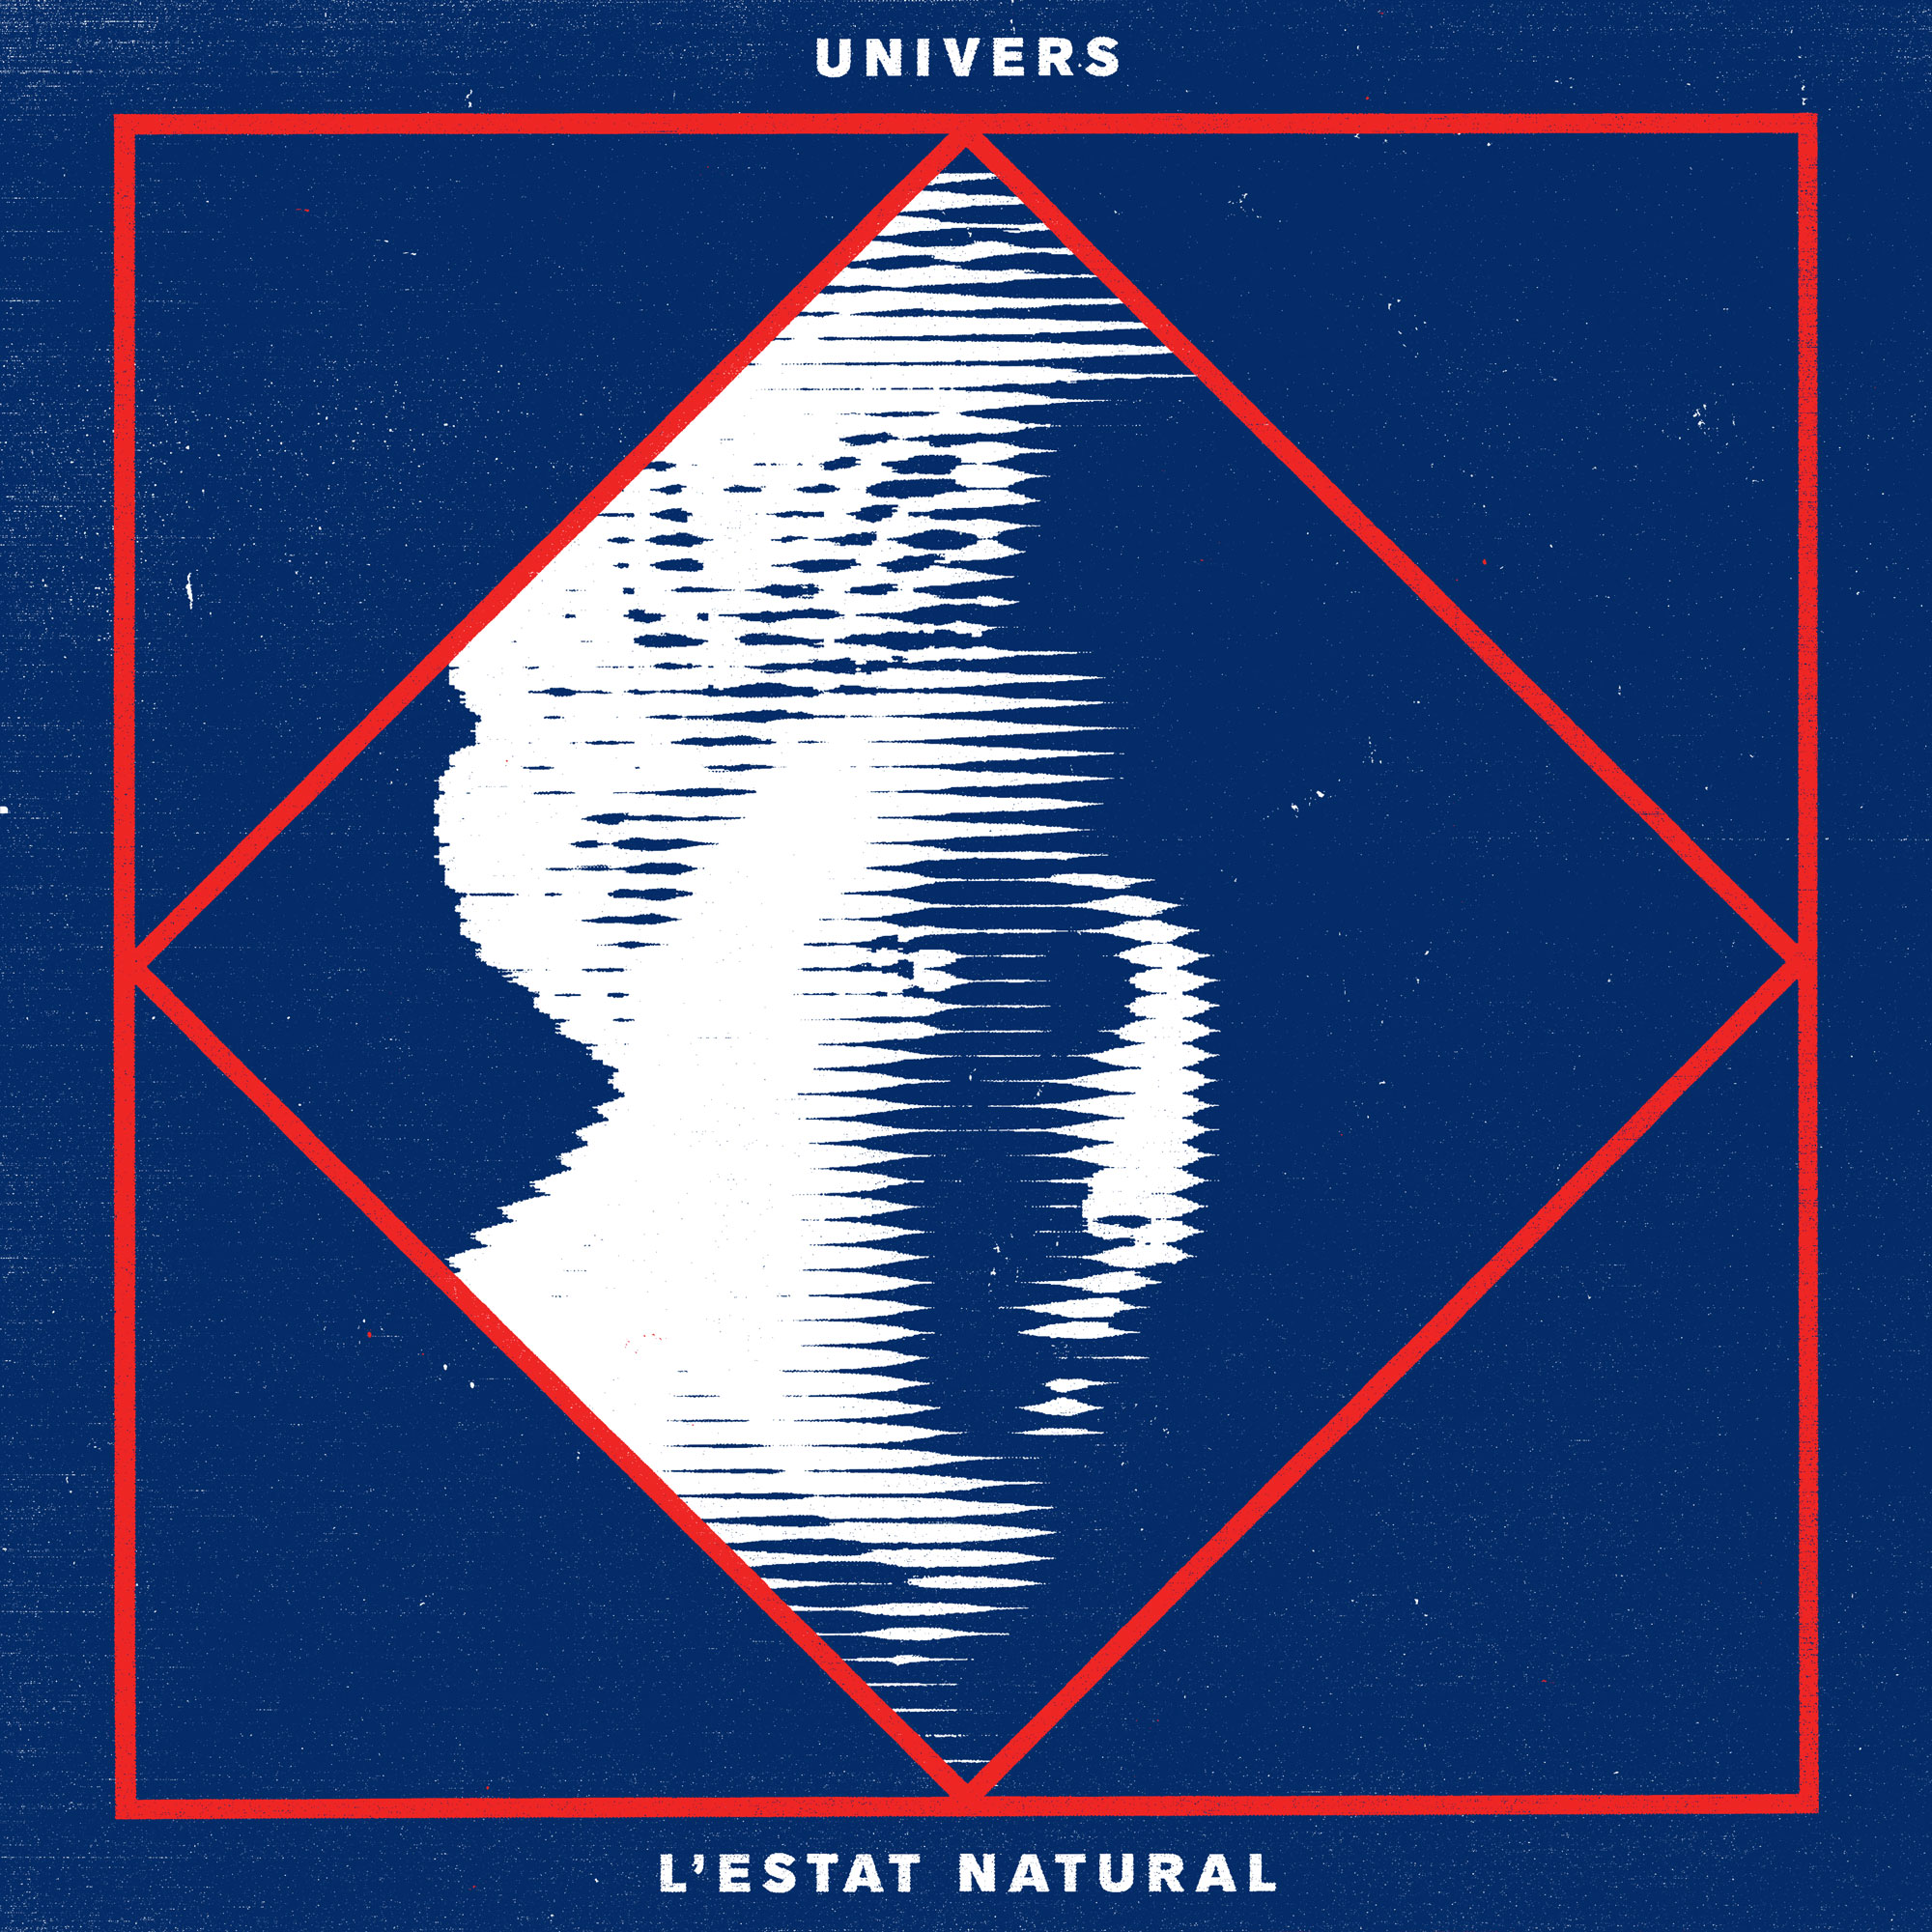 Univers - L'Estat Natural